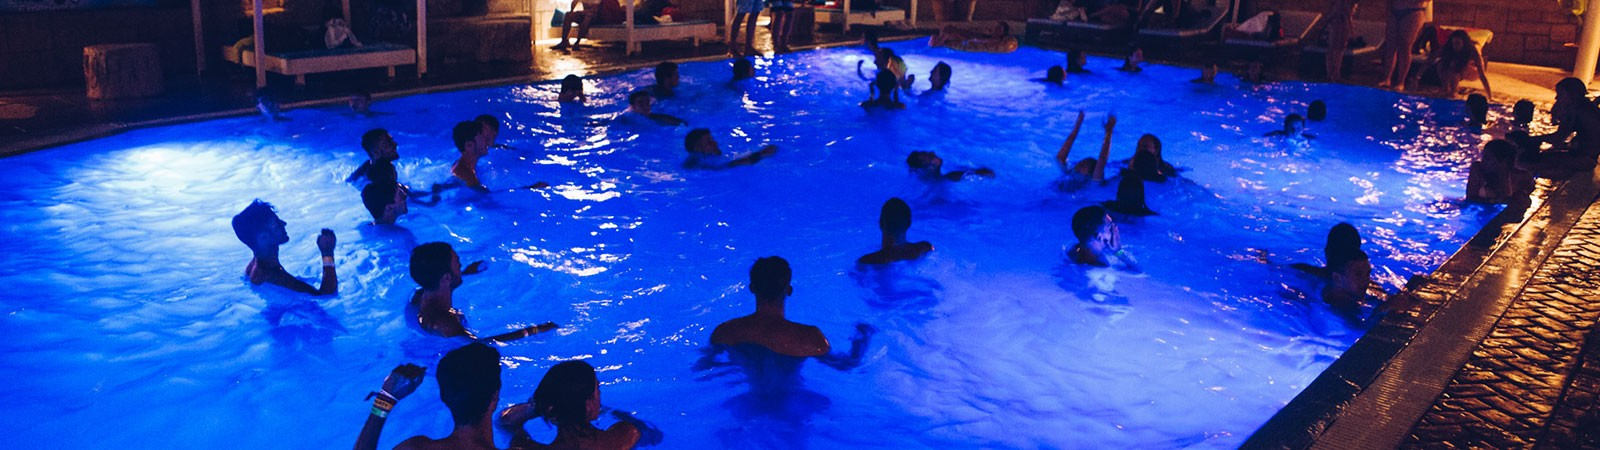 Pool Party nel viaggio evento a Corfù